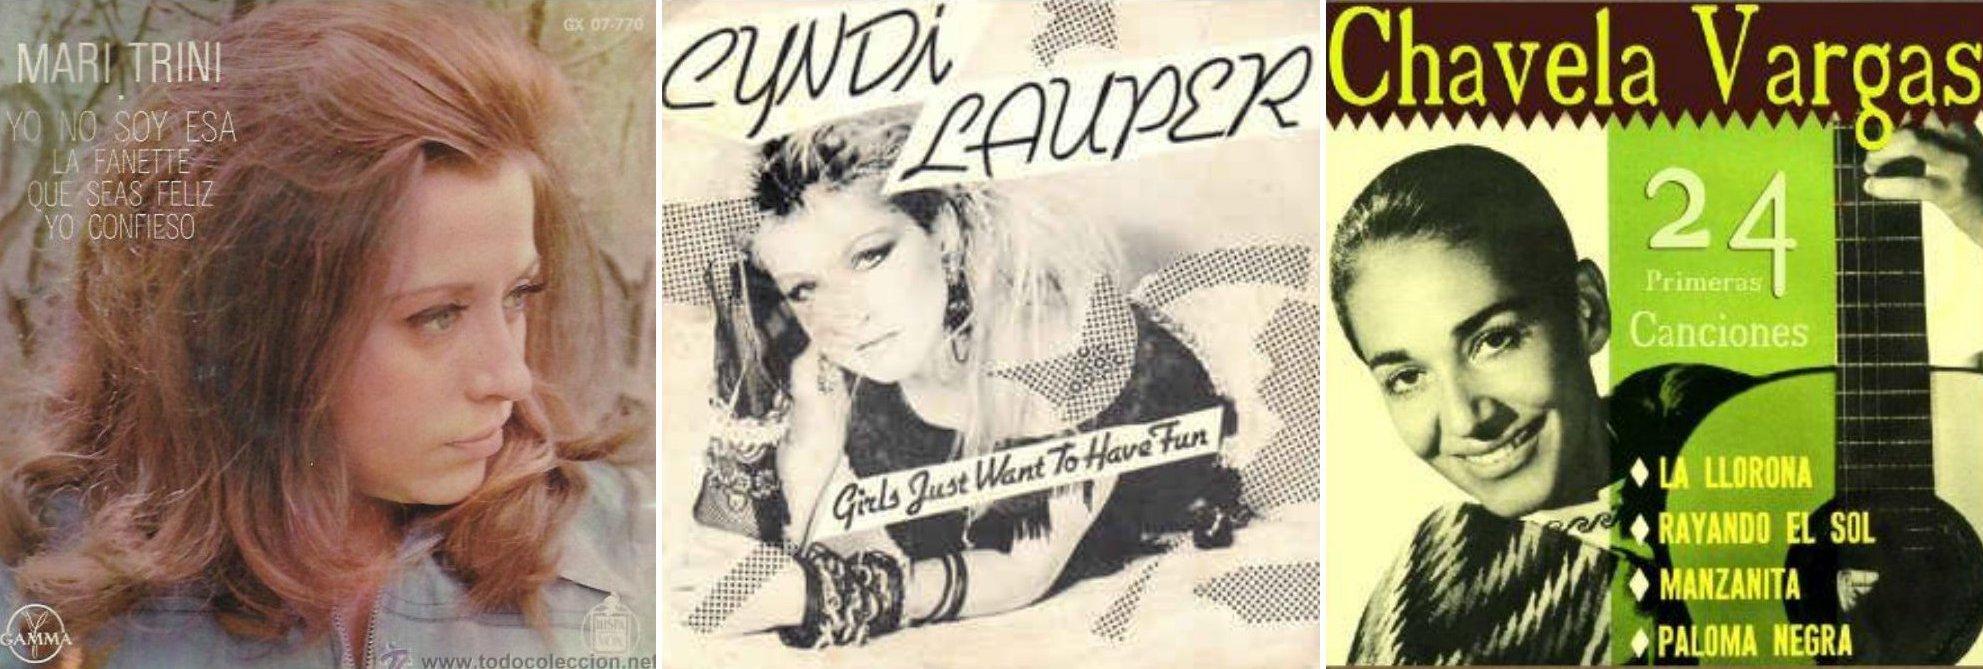 Cover de álbumes de mujeres cantantes (3)